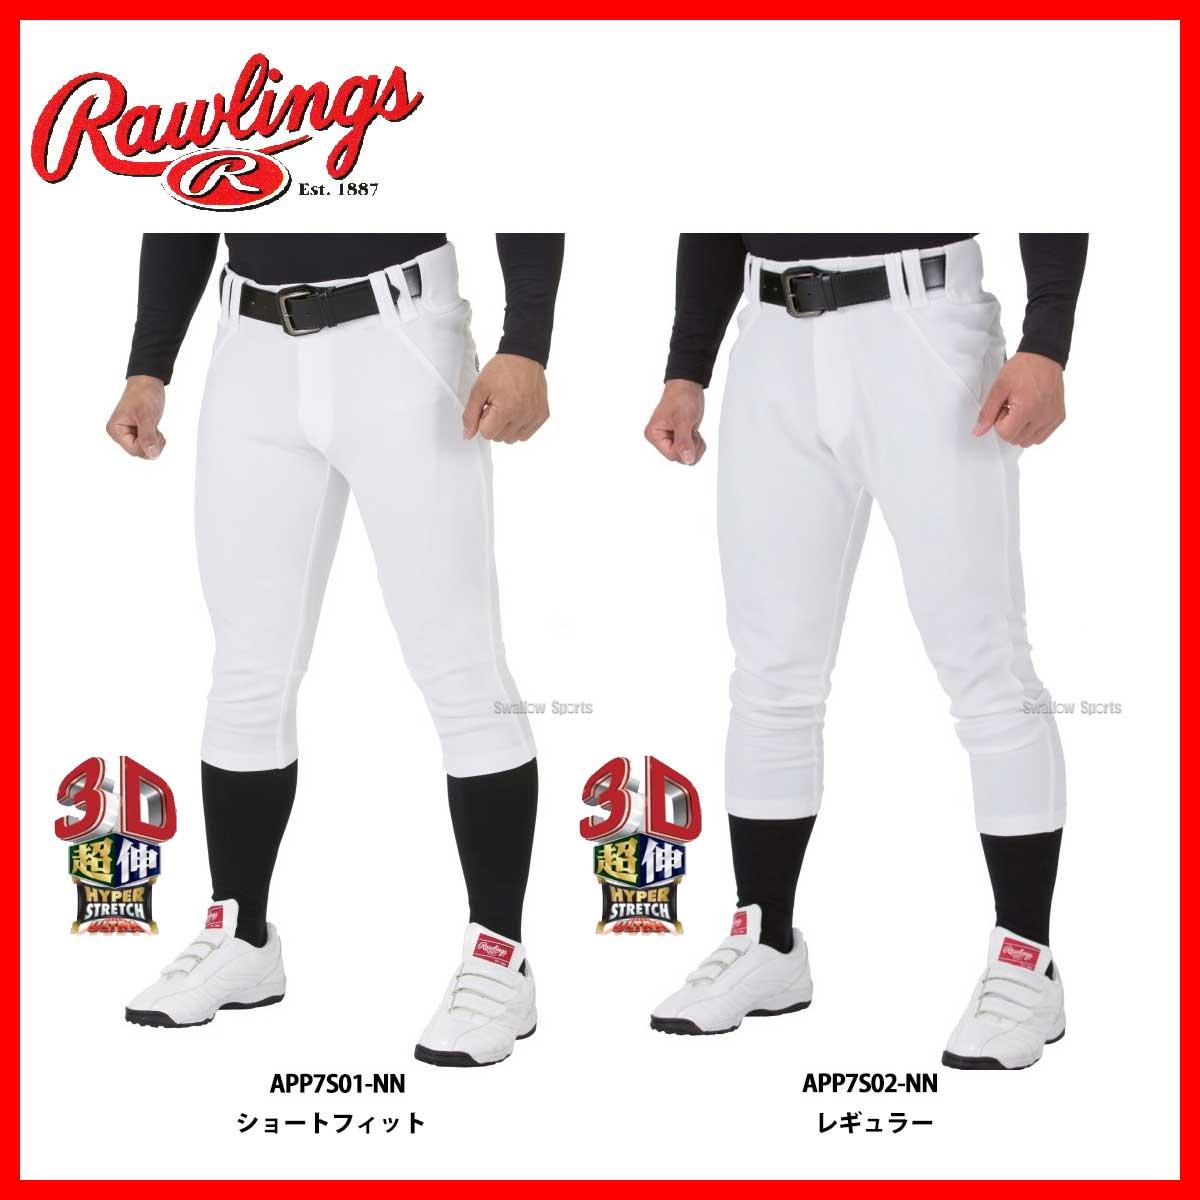 【あす楽対応】 ローリングス 3D ウルトラハイパーストレッチ ユニフォームパンツ ズボン 刺繍マークなし APP7S ウェア ウエア 新入学 野球部 新入部員 野球用品 スワロースポーツ